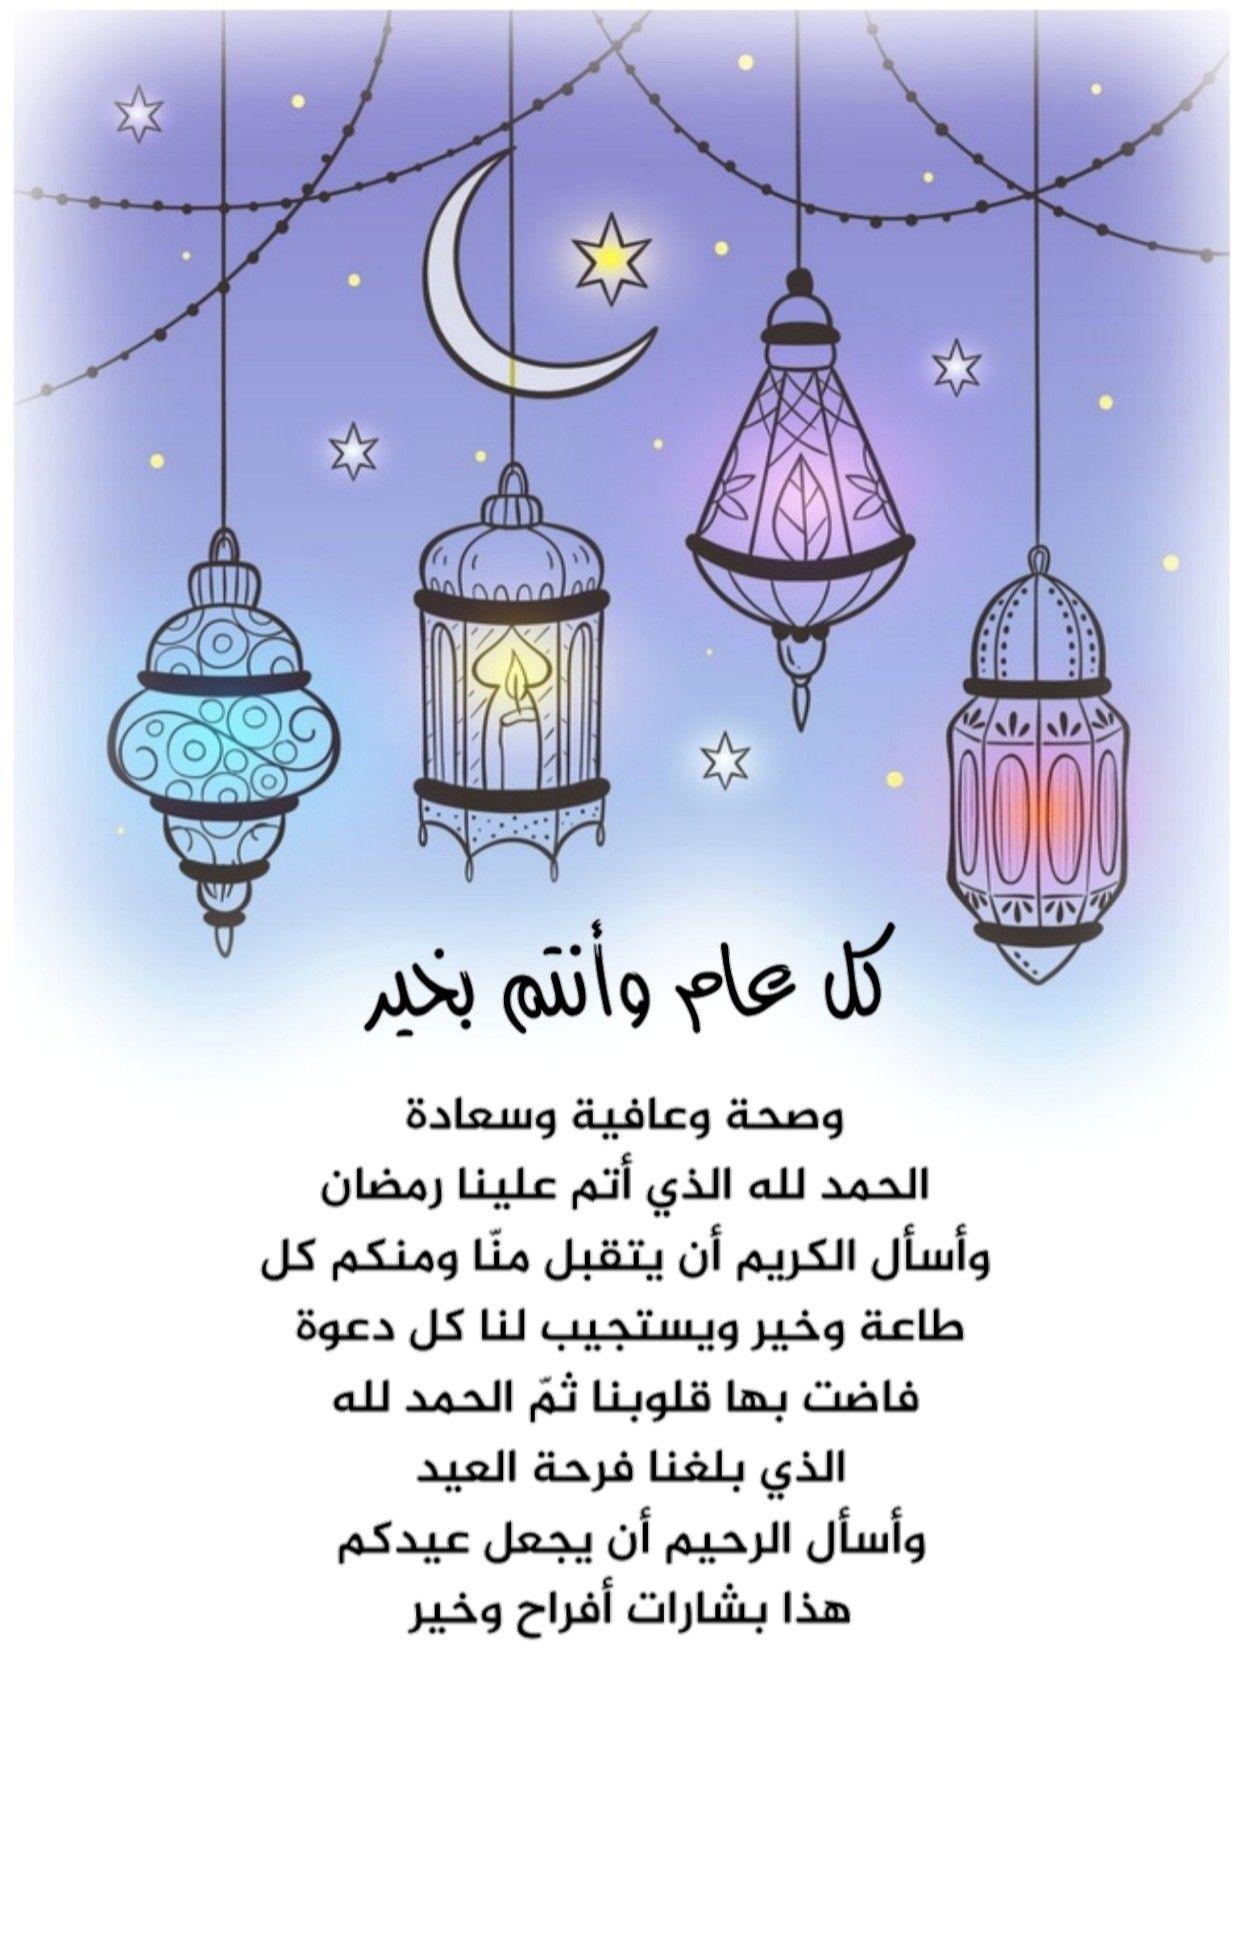 كل عام وأنتم بخير وصحة وعافية وسعادة الحمد لله الذي أتم علينا رمضان وأسأل الكريم أن يتقبل من ا ومنكم ك Ramadan Greetings Eid Cards Good Morning Greetings